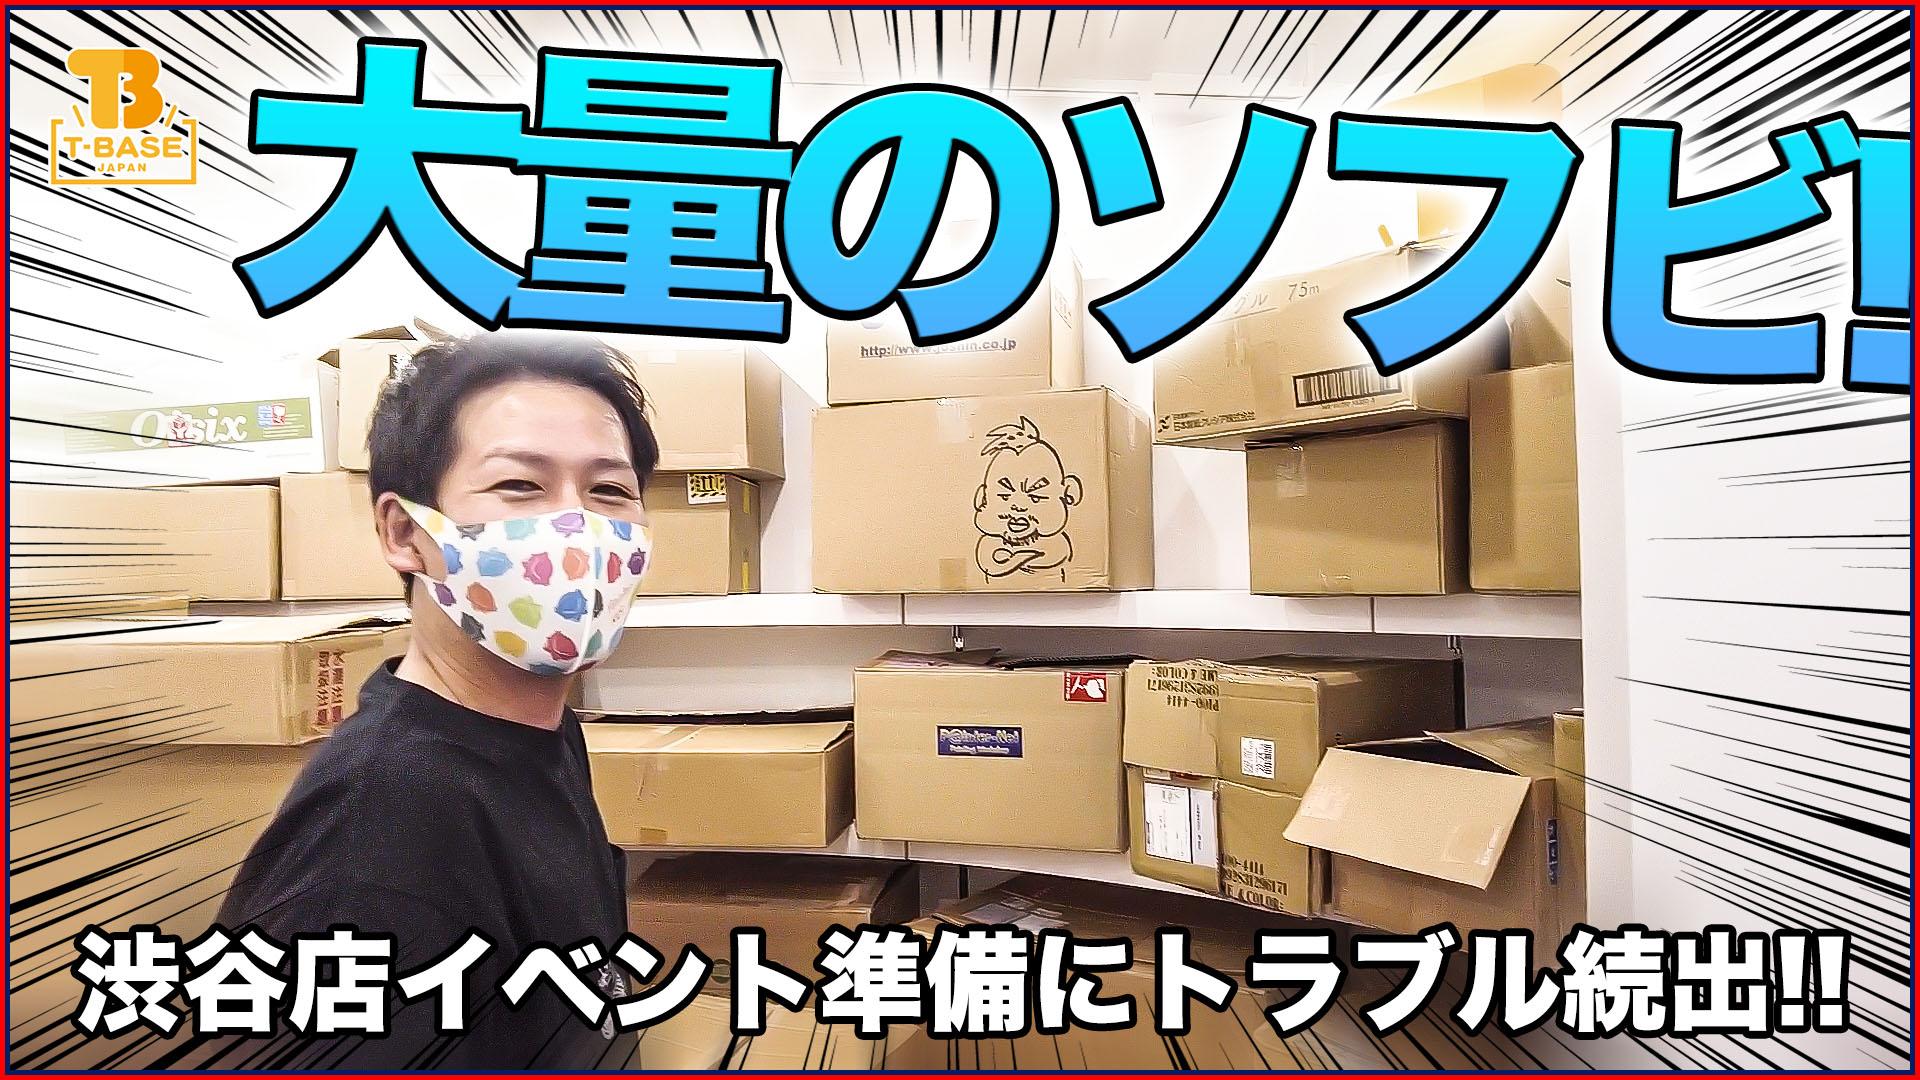 大量のソフビがやってきた!! 渋谷に「ソフビ専門店」が爆誕!!10月2日OPENまでのT-BASE道玄坂店 準備の様子をお届け!